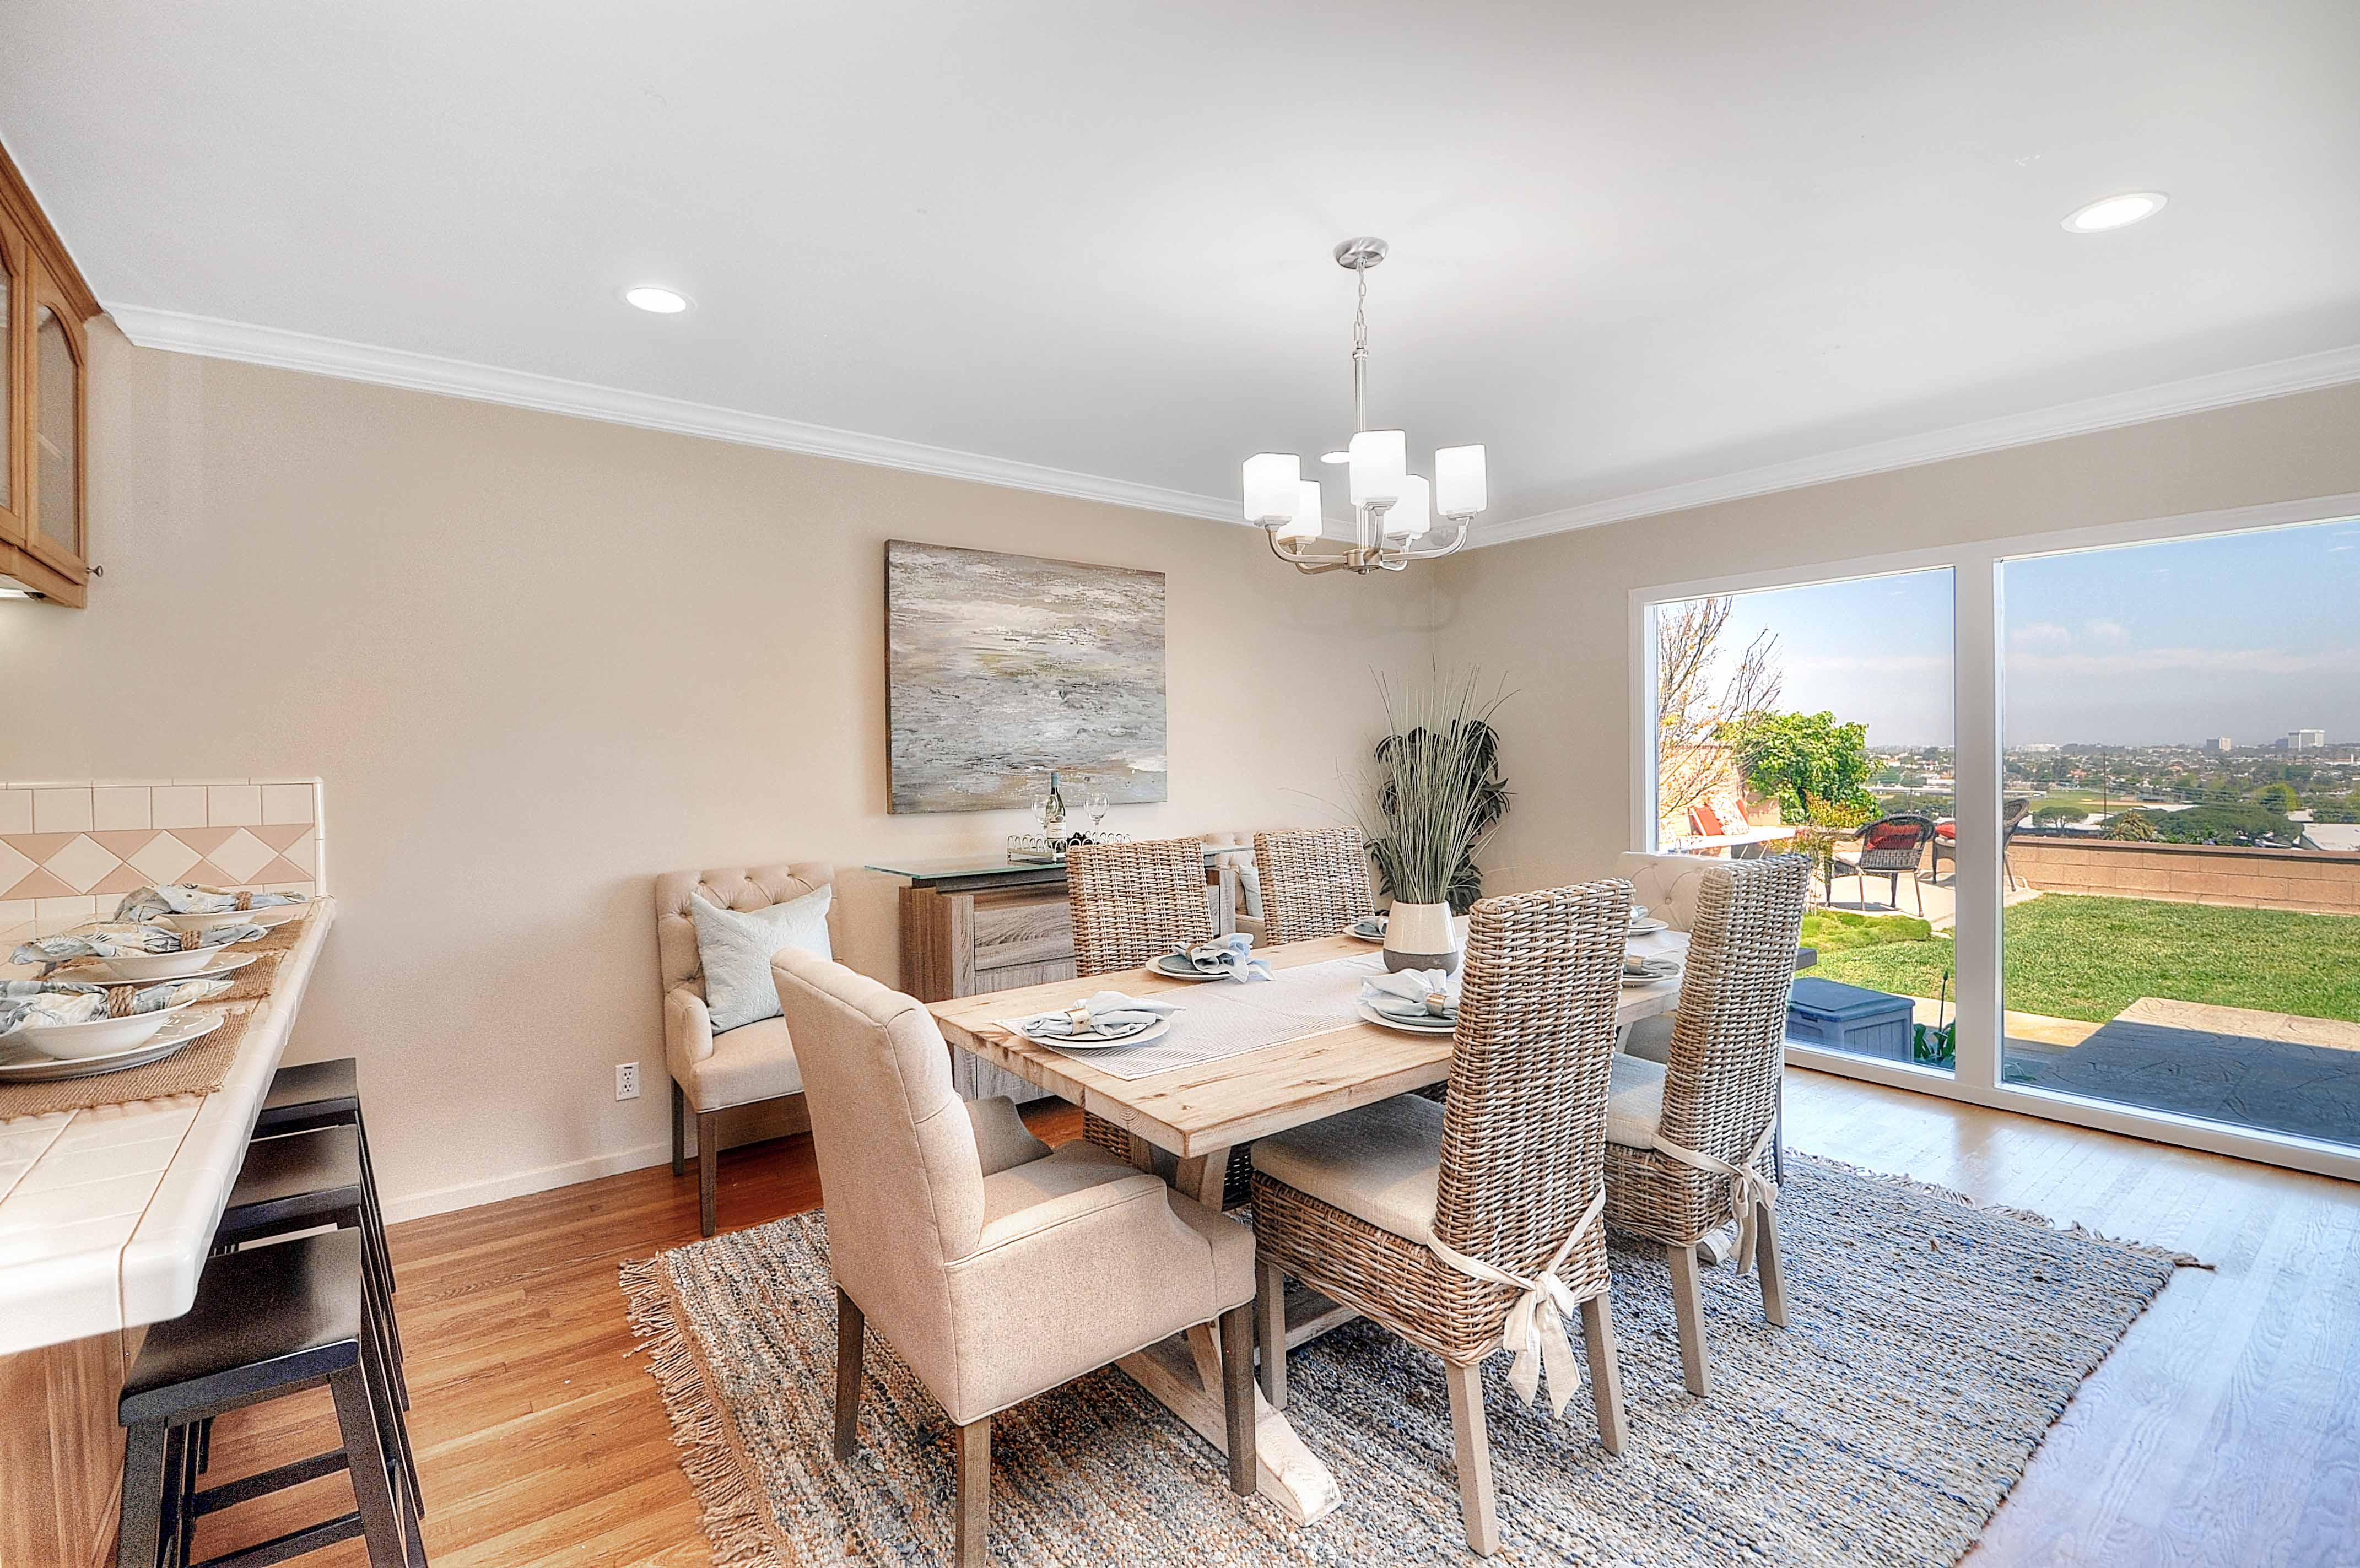 4515-Vista-Largo-dining-room1-Copy